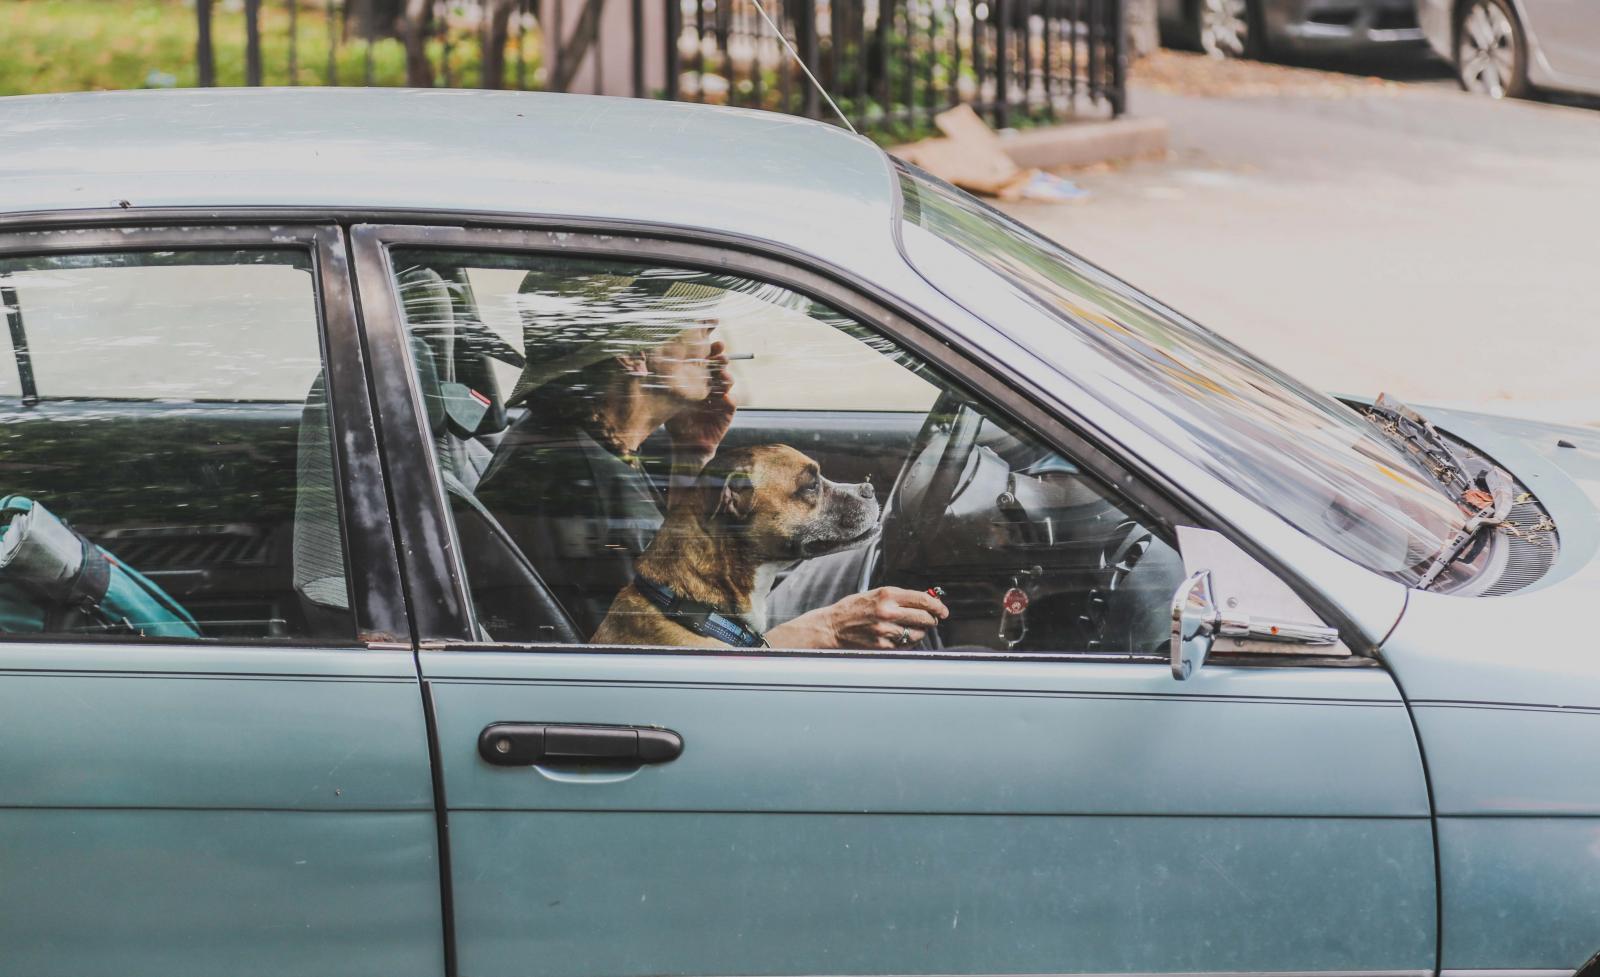 Fumar en el auto puede traer riesgos